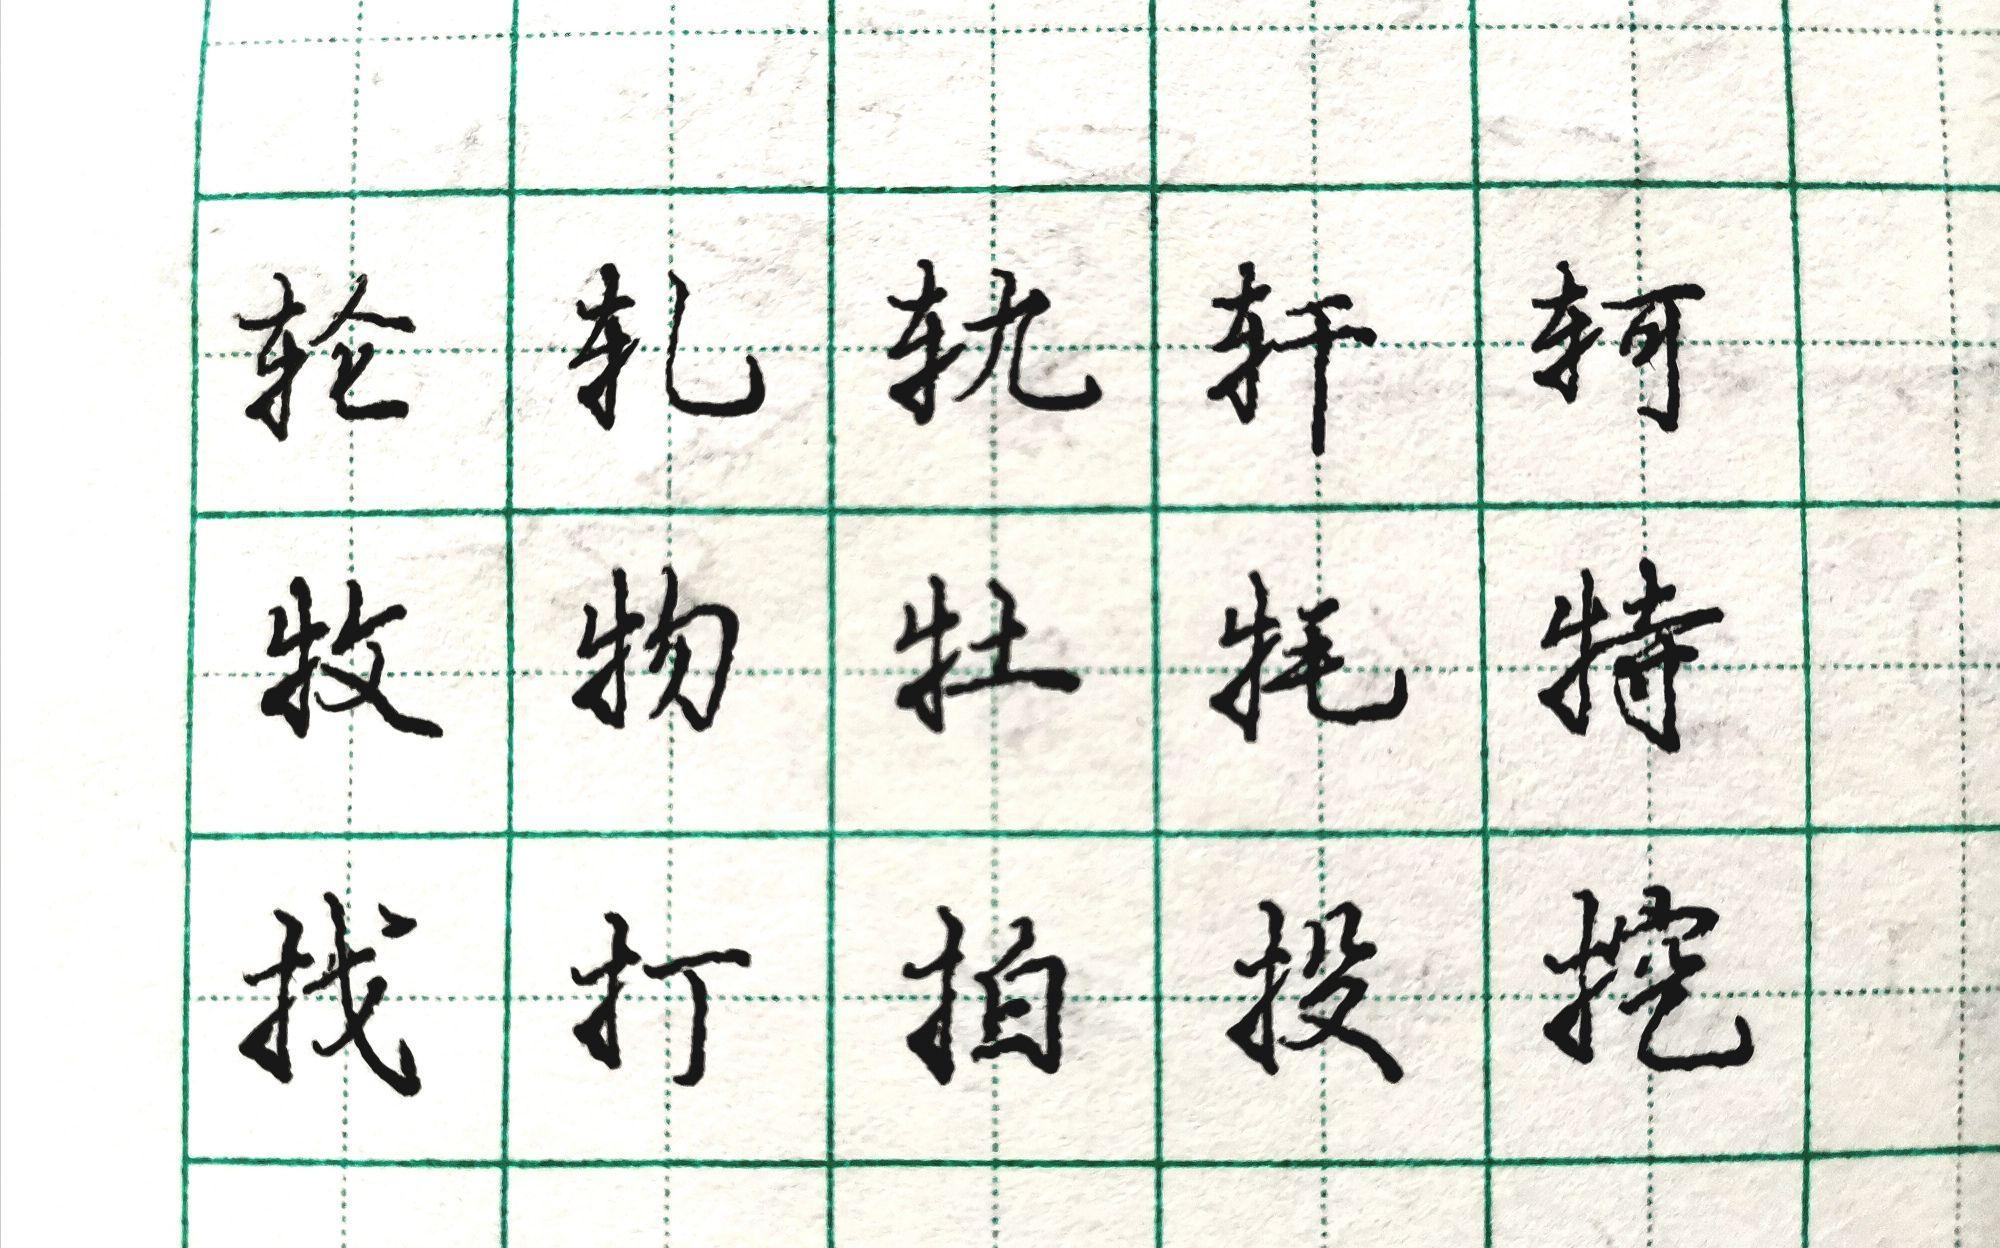 硬笔书法练字:普通中性笔书写的效果不比昂贵的进口钢笔的效果差